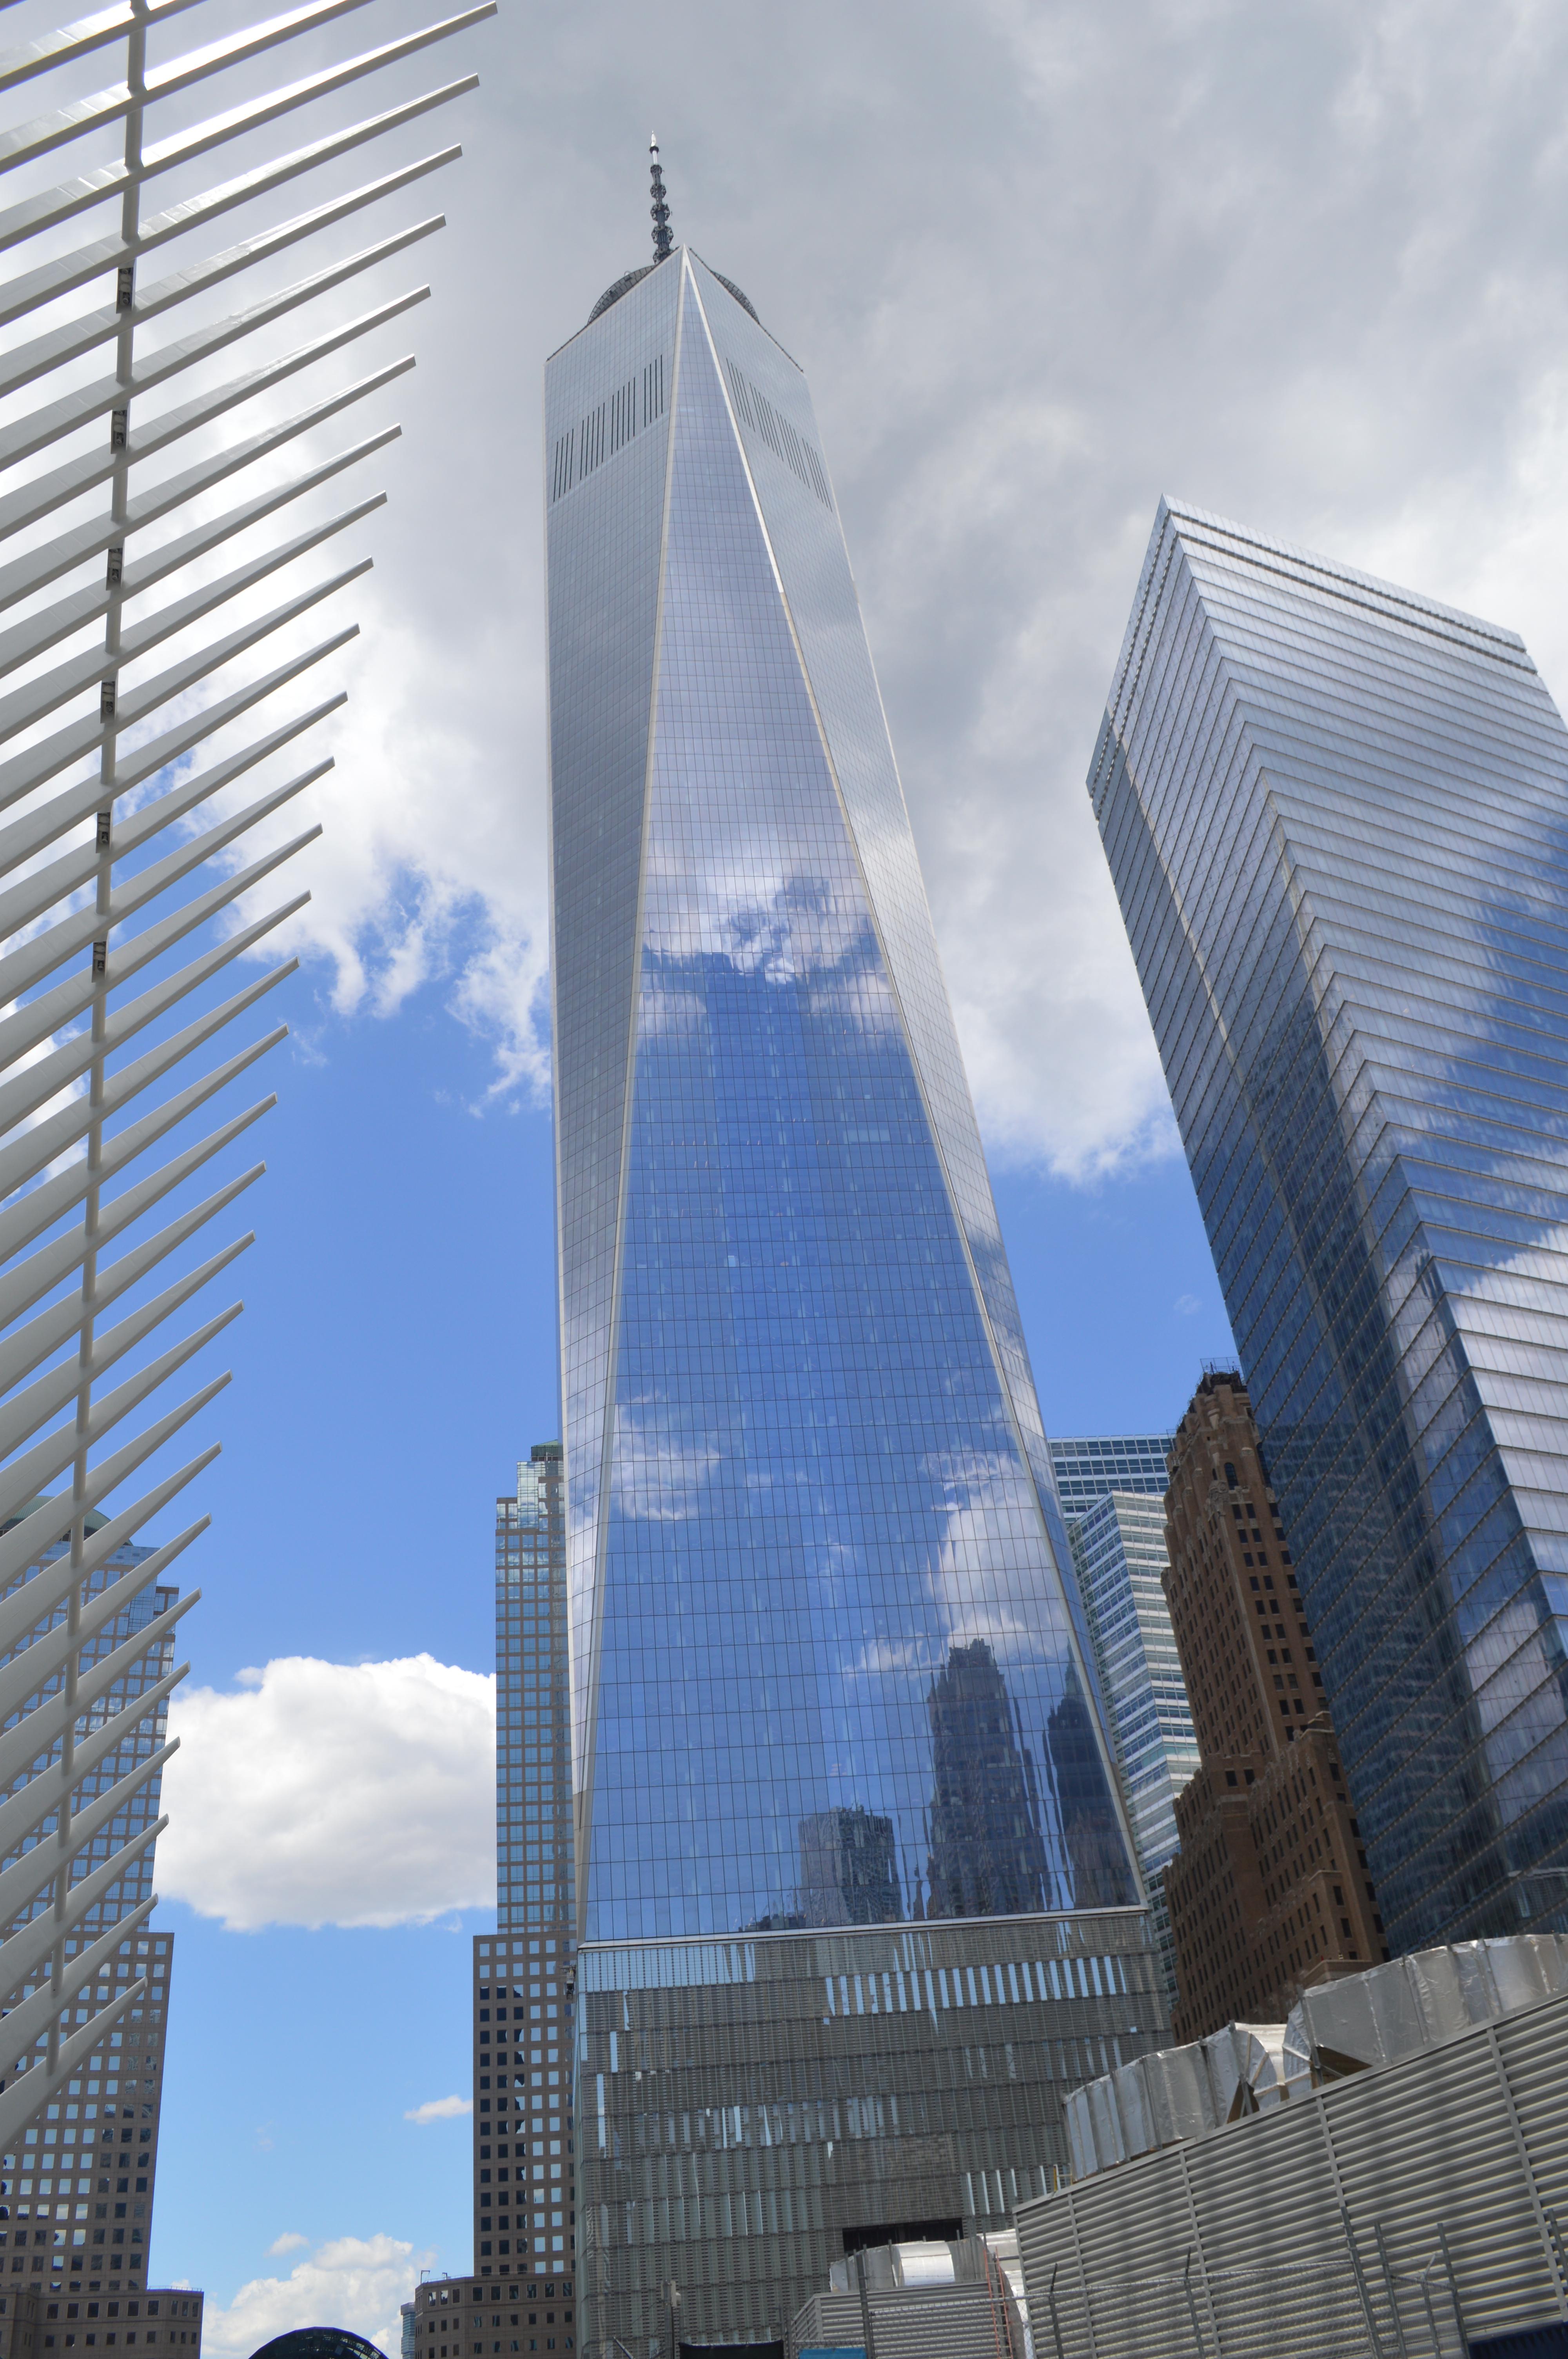 Visiter New York en famille - Le One World Trade Center